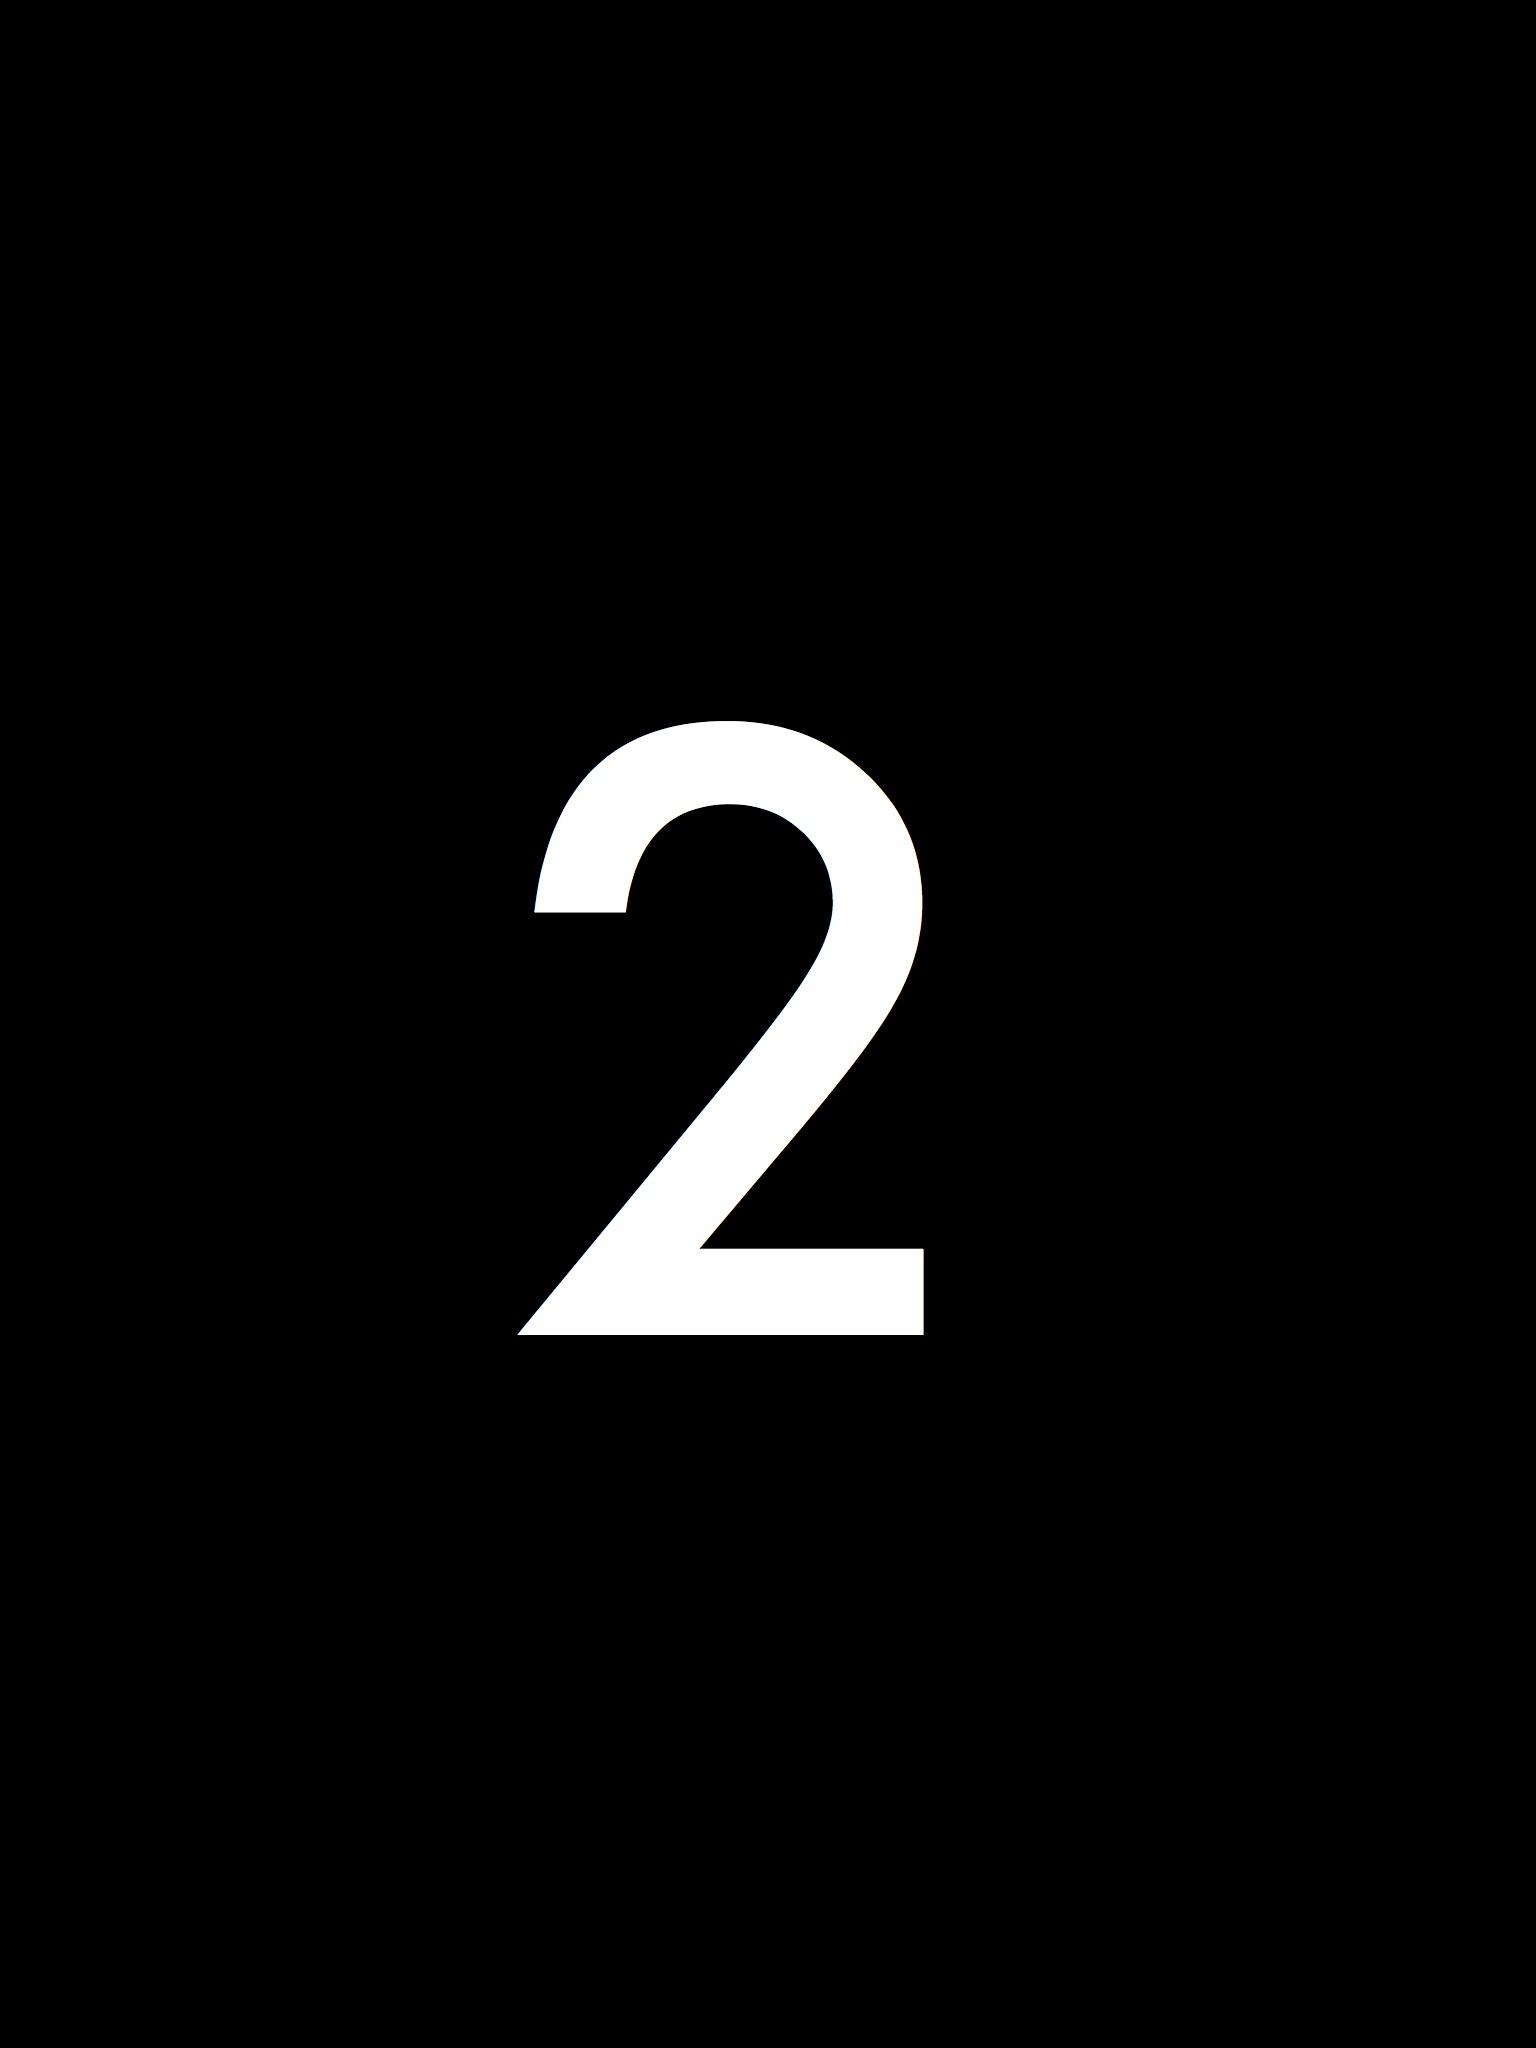 Black_Number.002.jpg